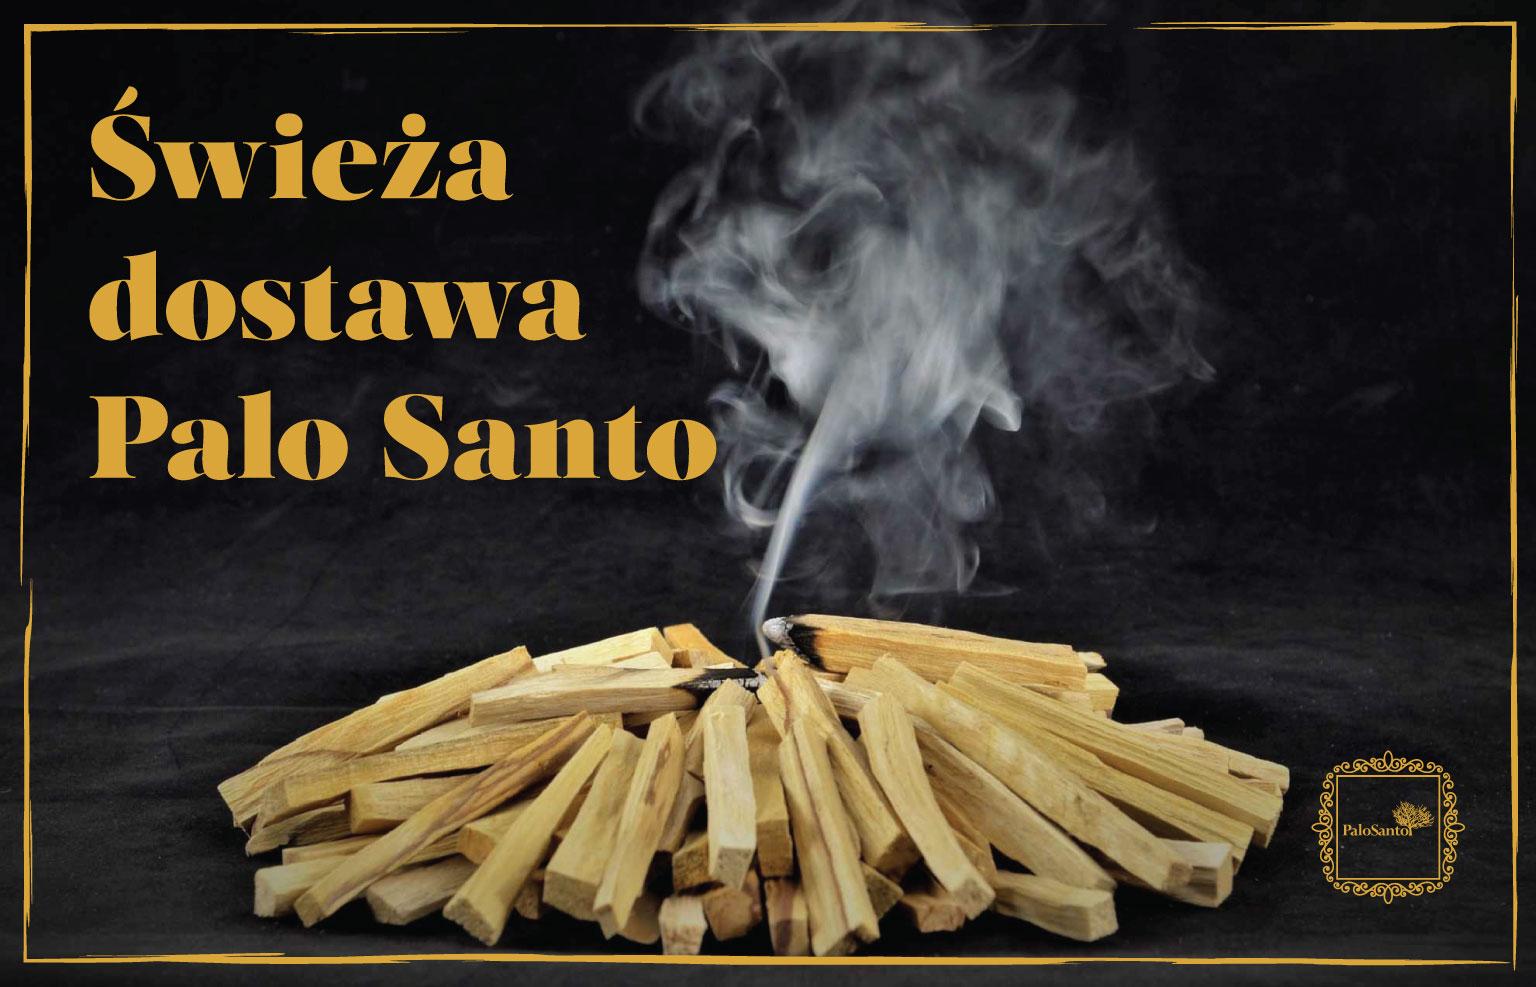 palo santo cena, palo-santo.pl, palosanto.com.pl, palosanto,